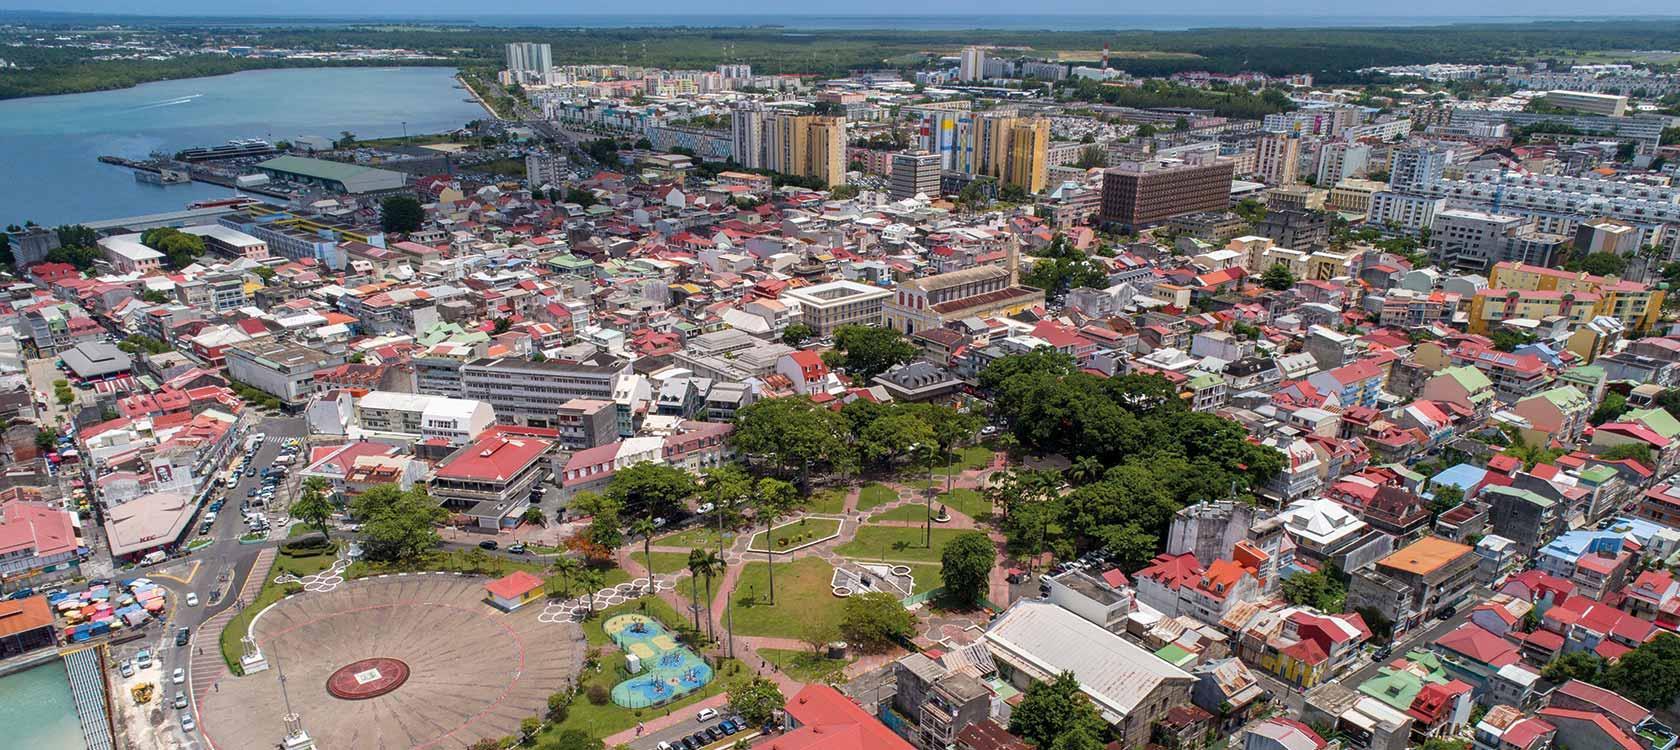 Place de la Victoire, Pointe a Pitre, Guadeloupe